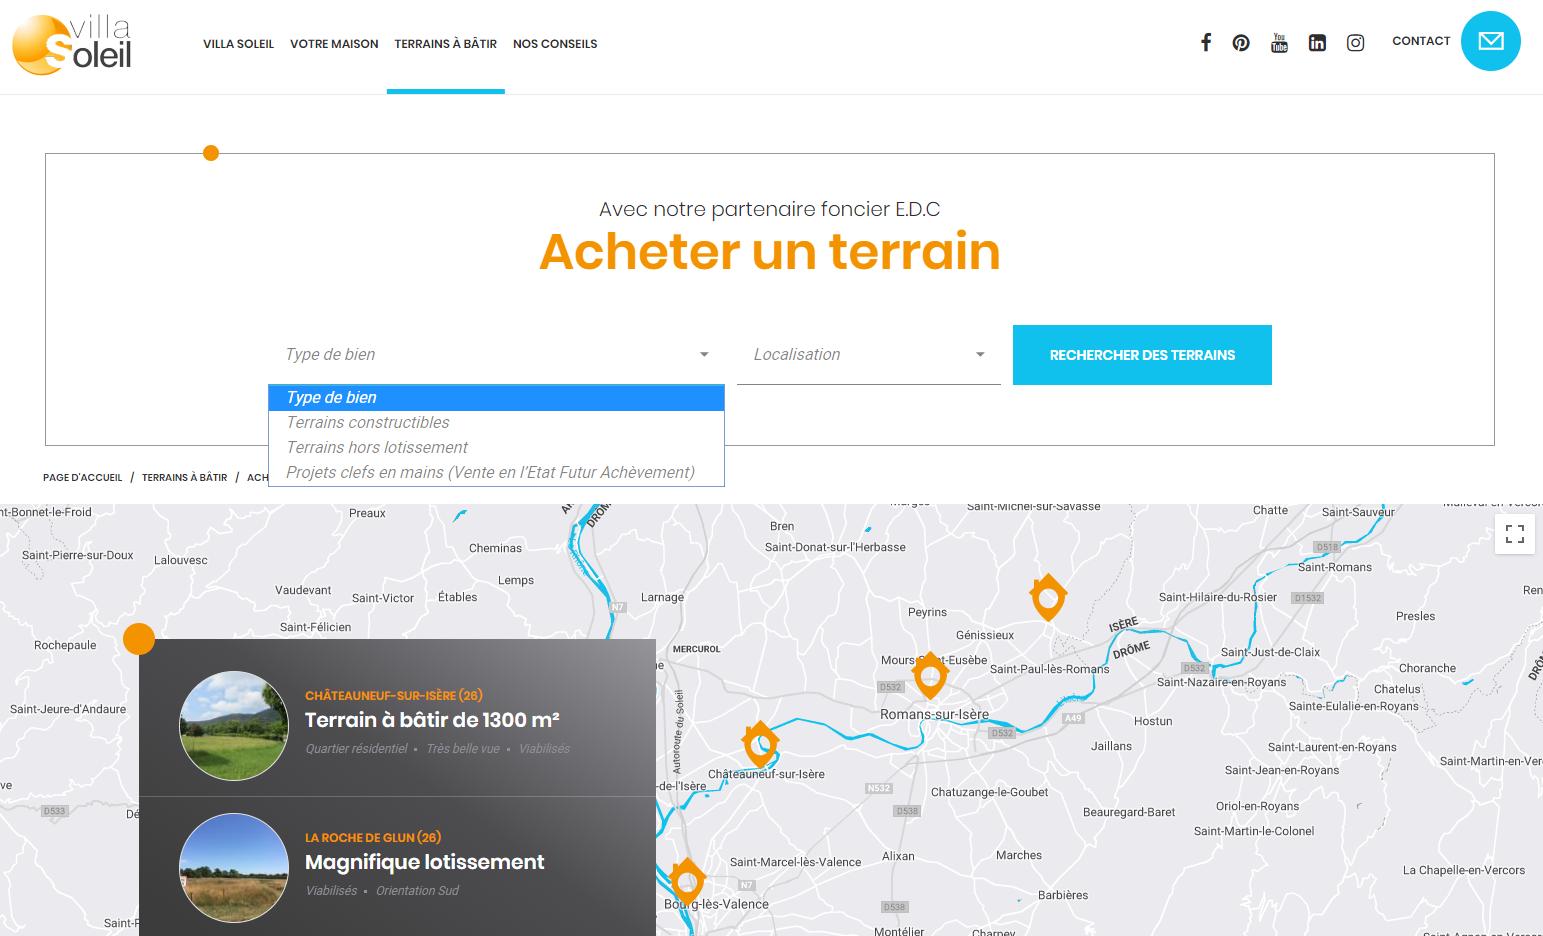 carte interactive sur-mesure du site Villa Soleil